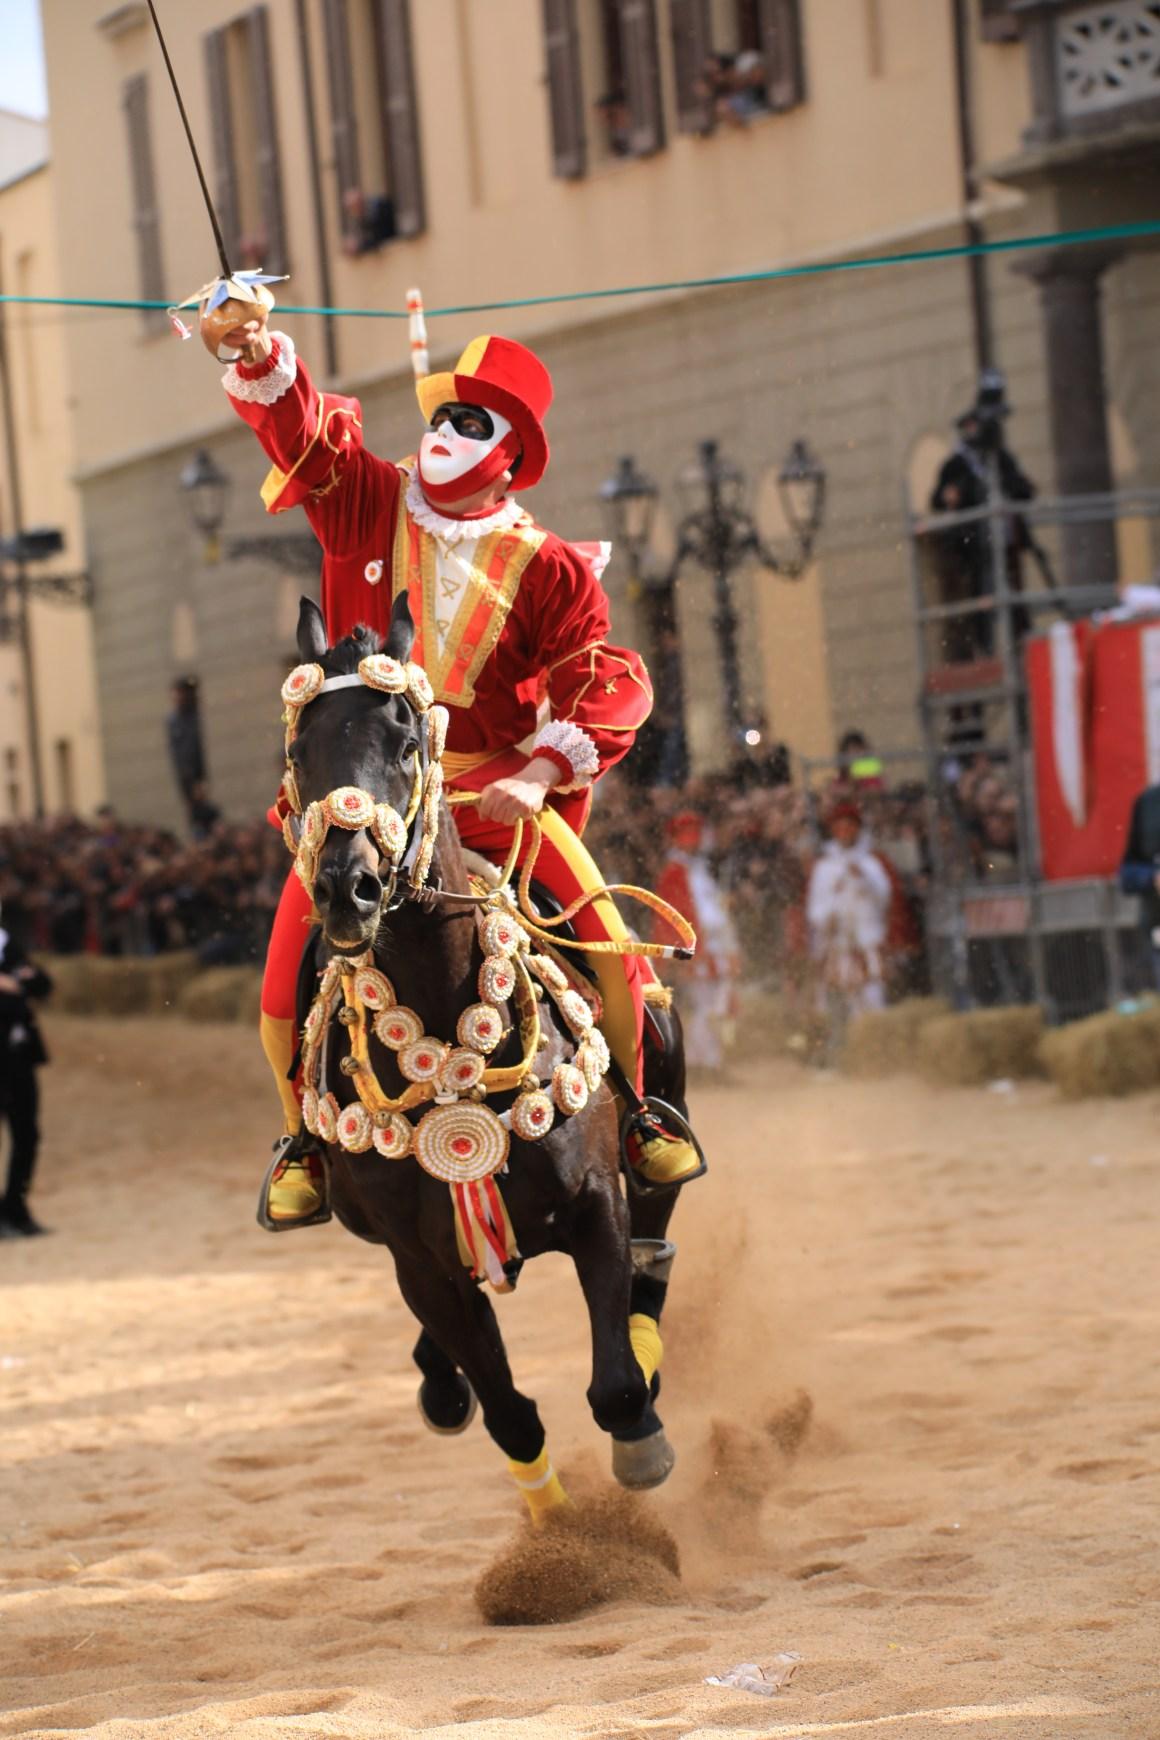 La corsa della stella - Sa Sartiglia (da www.sartiglia.info)